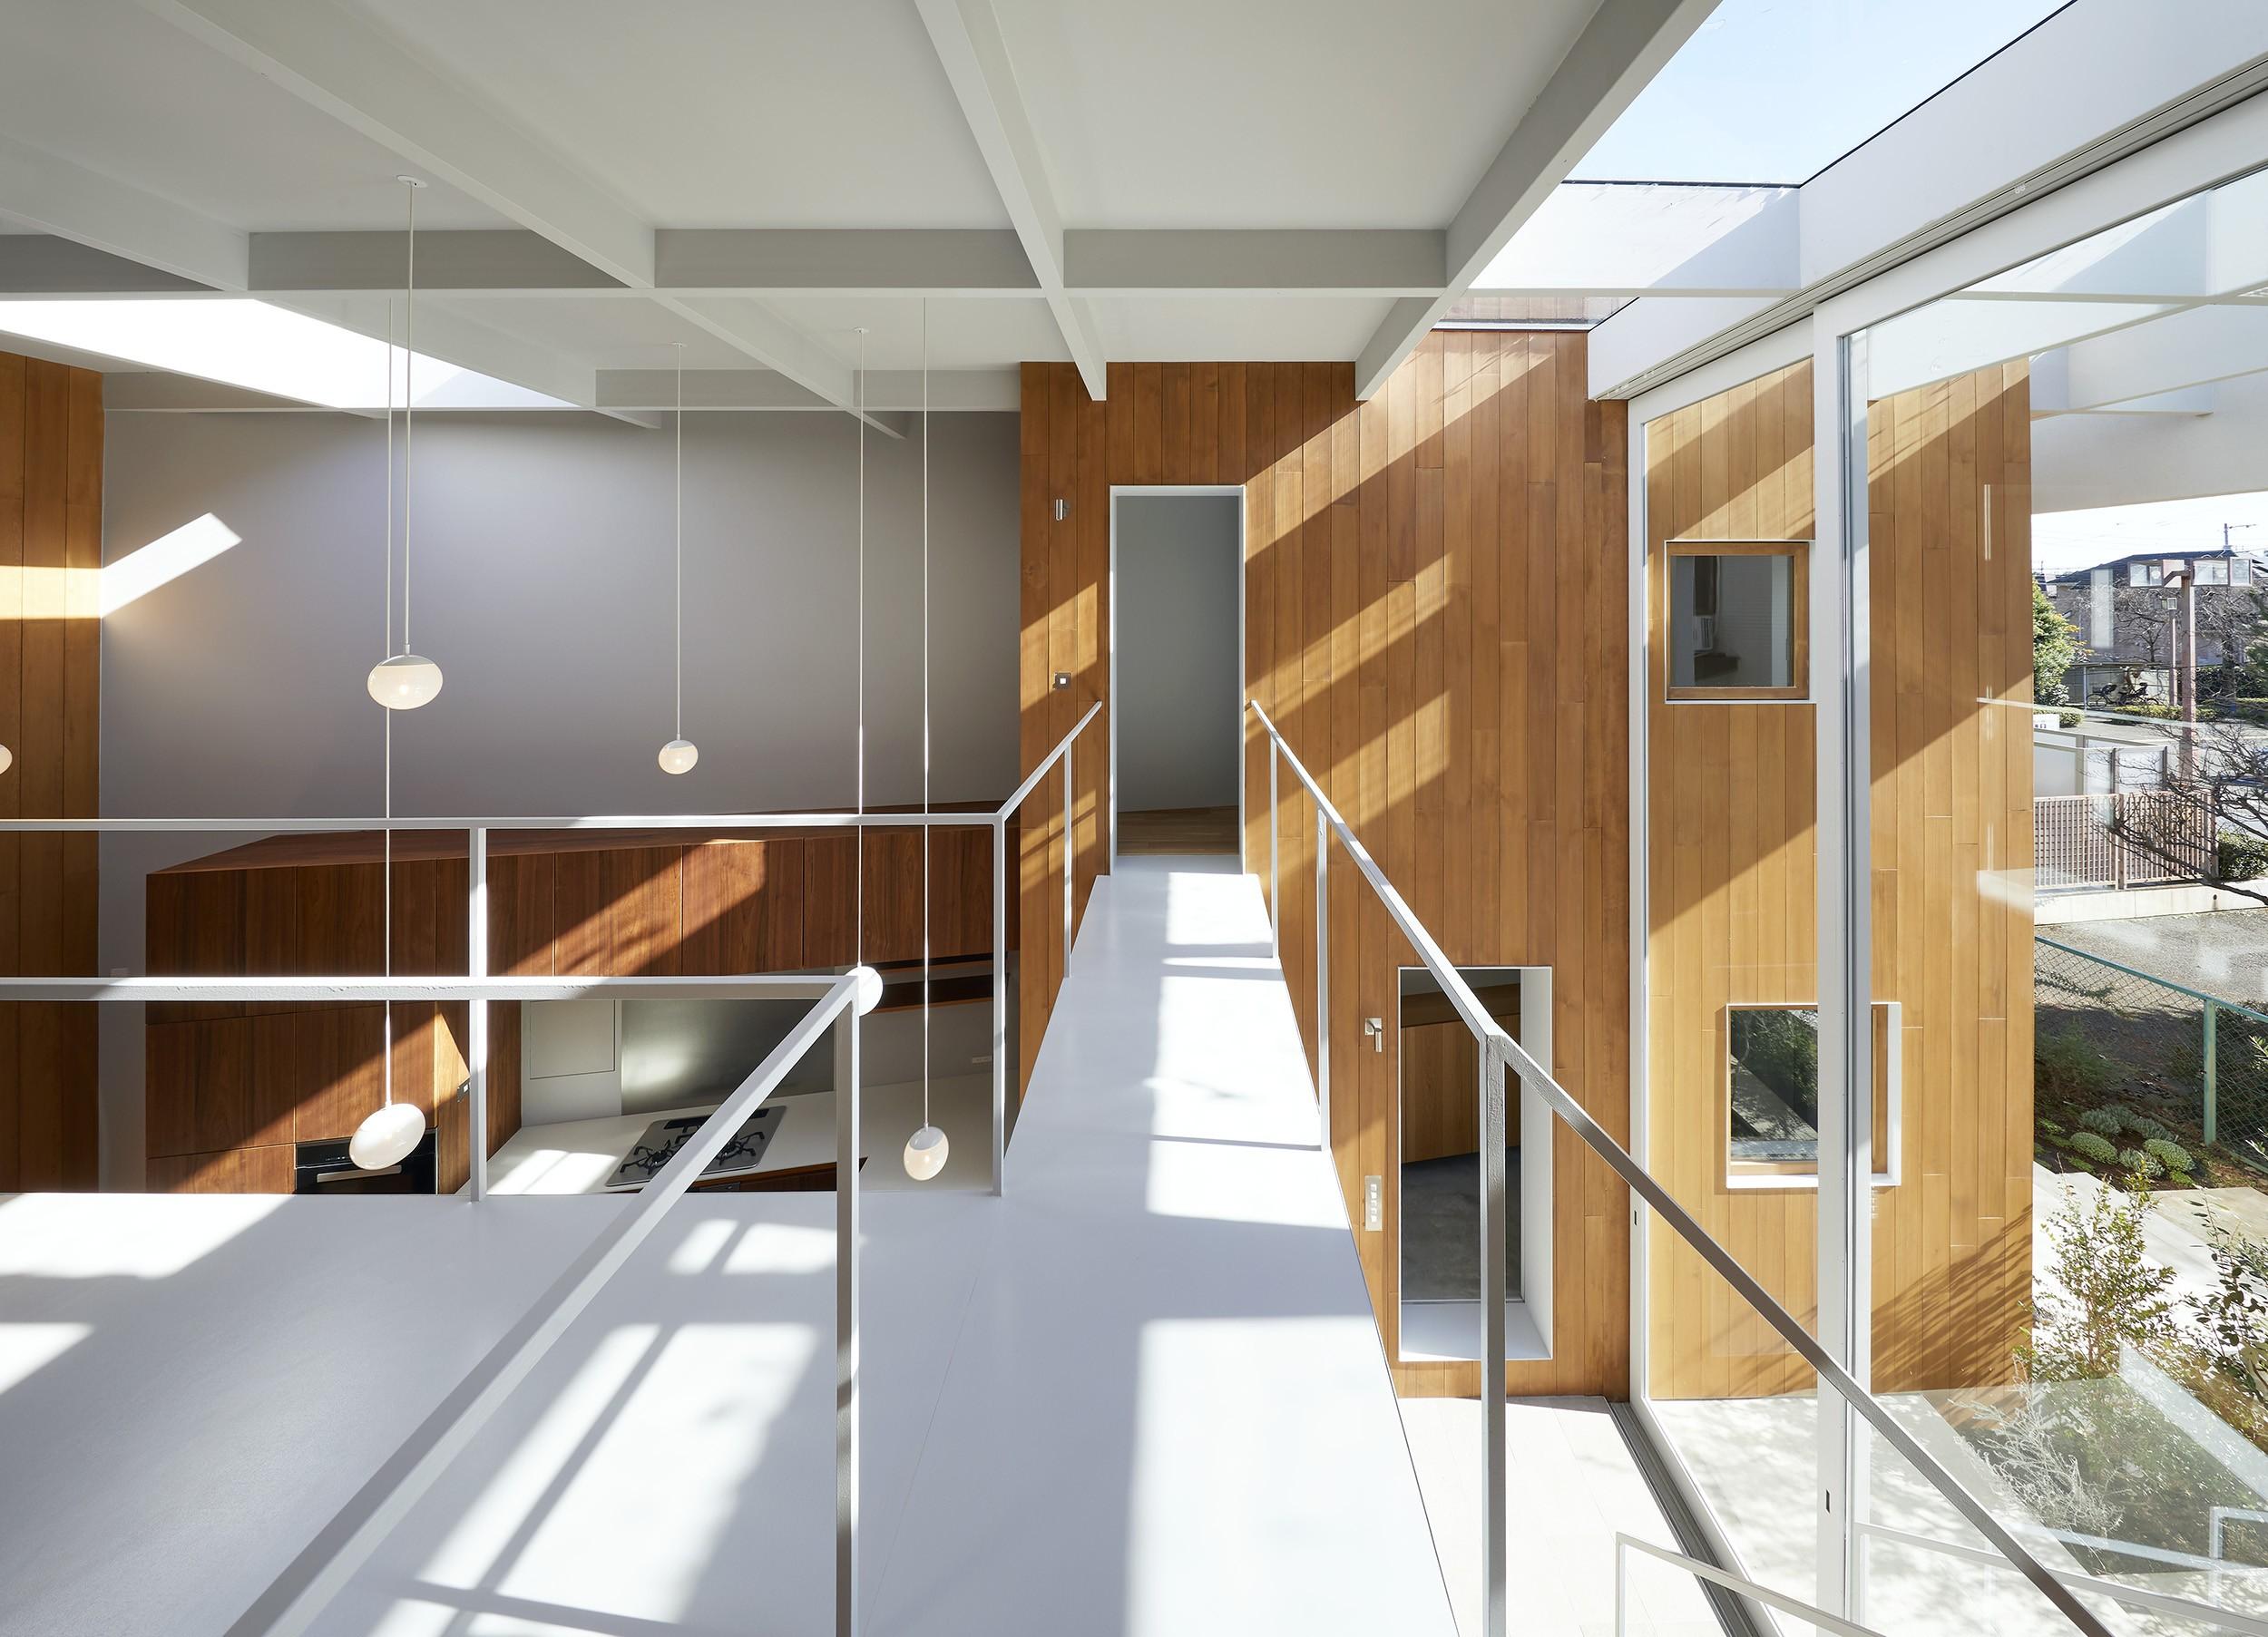 その他事例:ブリッジ(高尾の家  / 2つのテラスと大きなガラスドアで緩やかに自然を取り込む家)